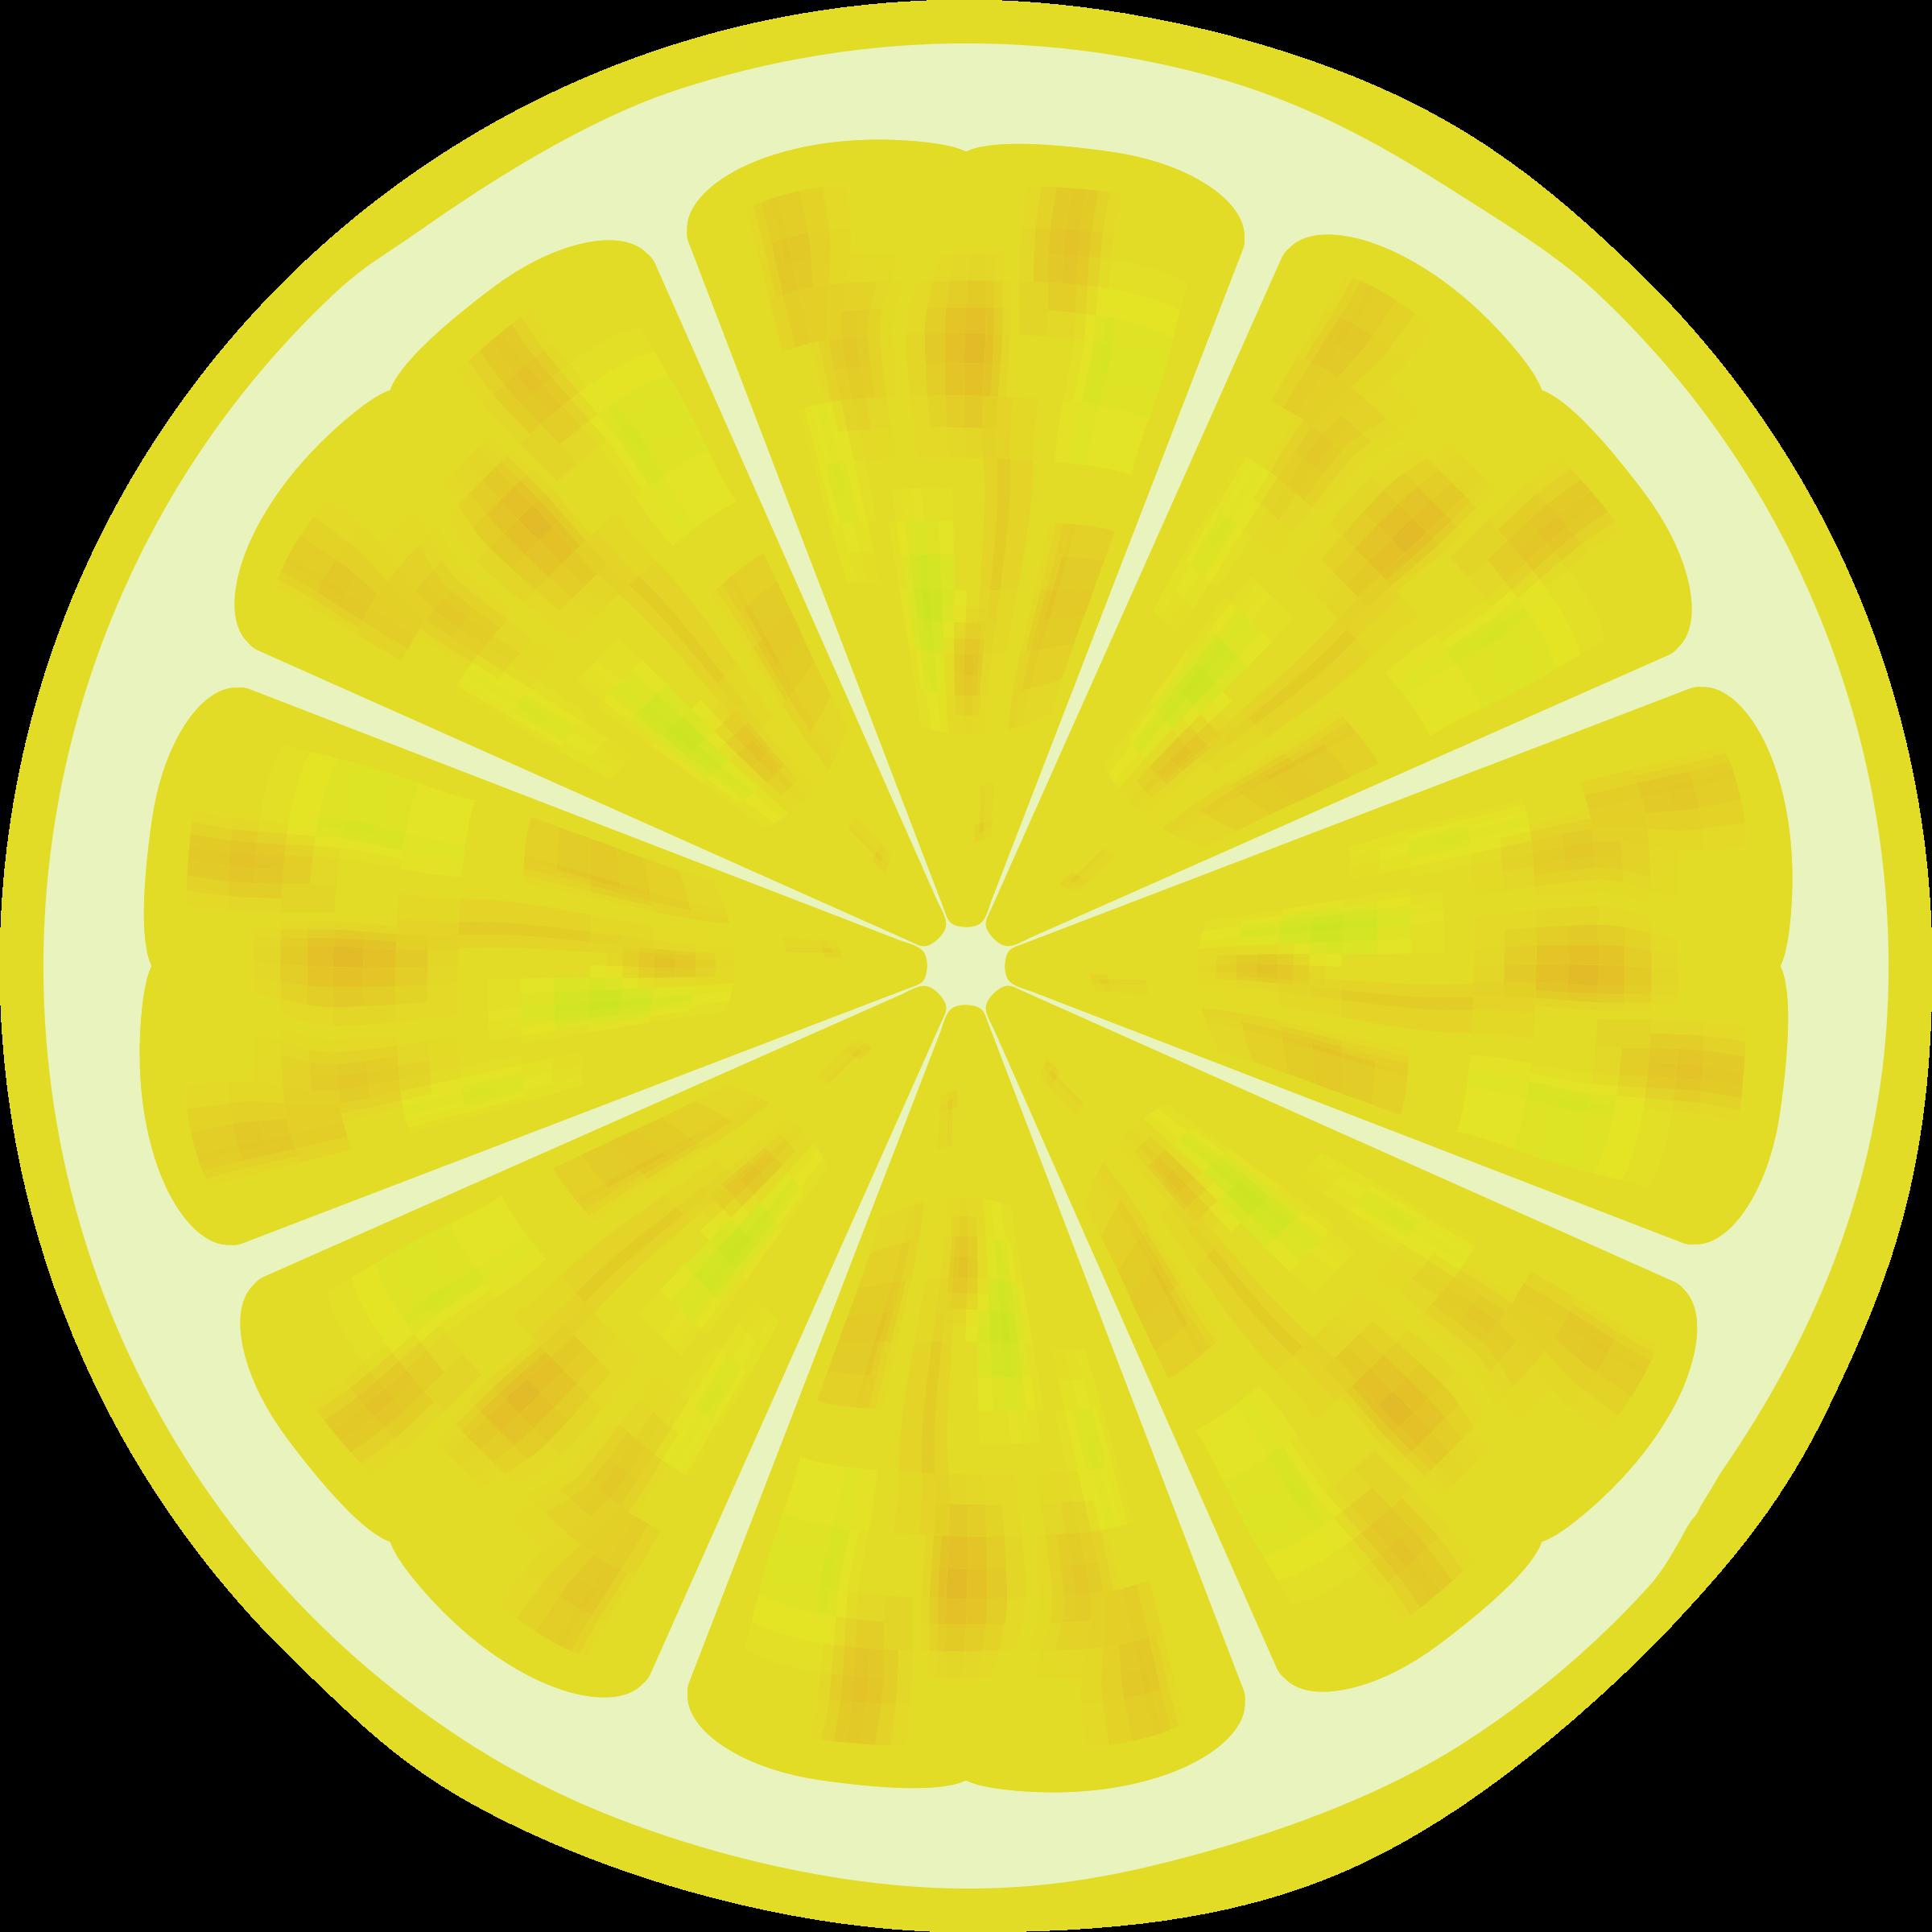 Lemons clipart sliced.  collection of lemon